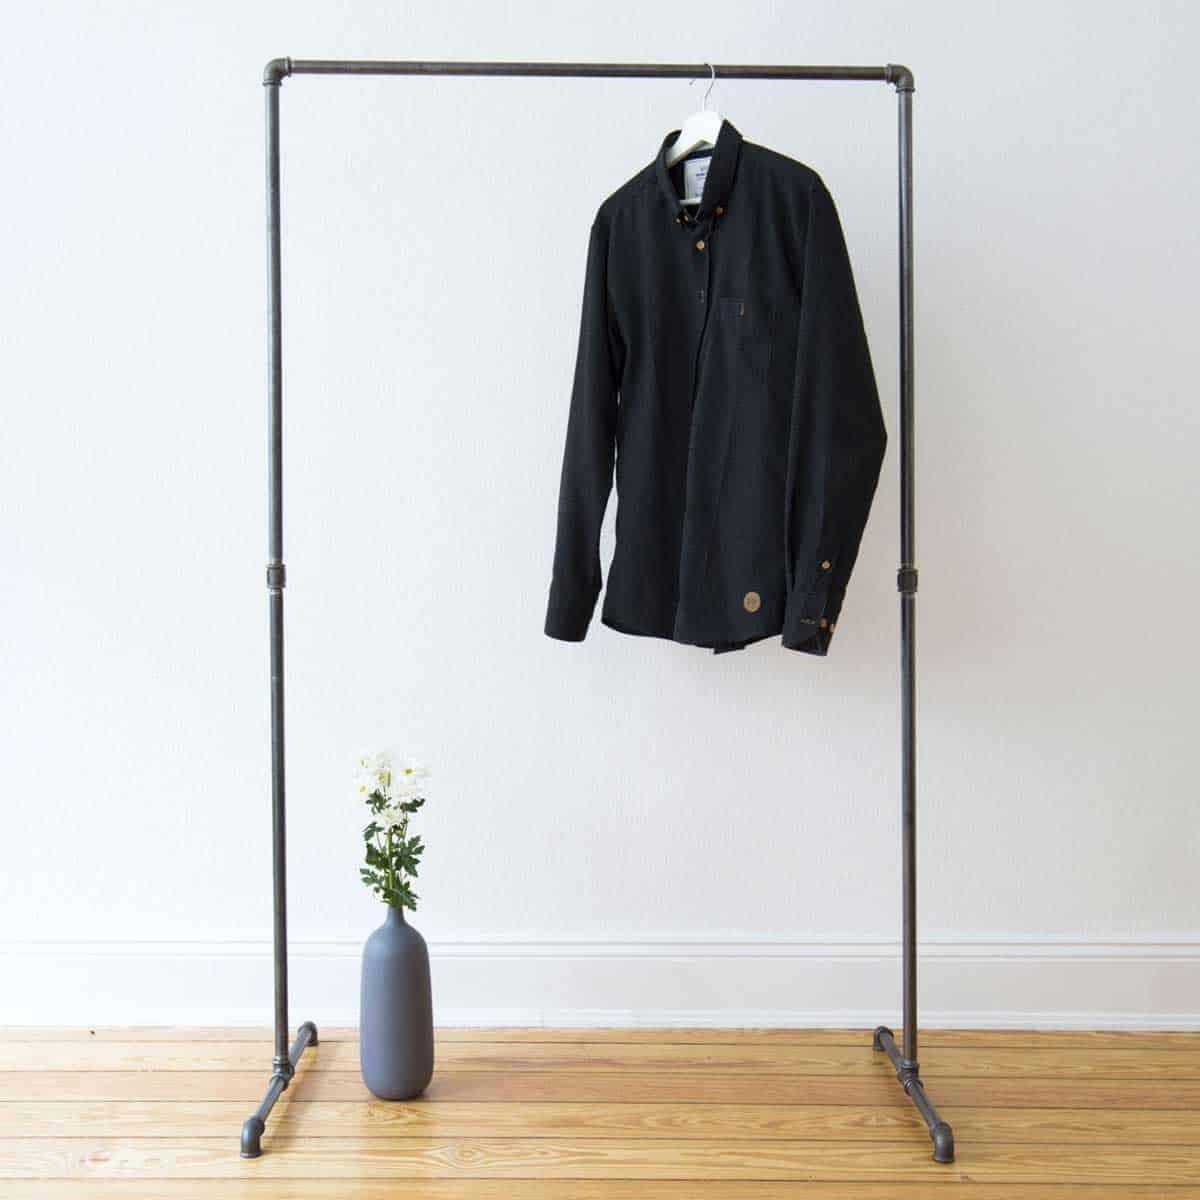 Industrial Style Kleiderstaender freistehend aus Wasserrohr und Temperguss Metall stabil Jacke Garderobe Ladeneinrichtung